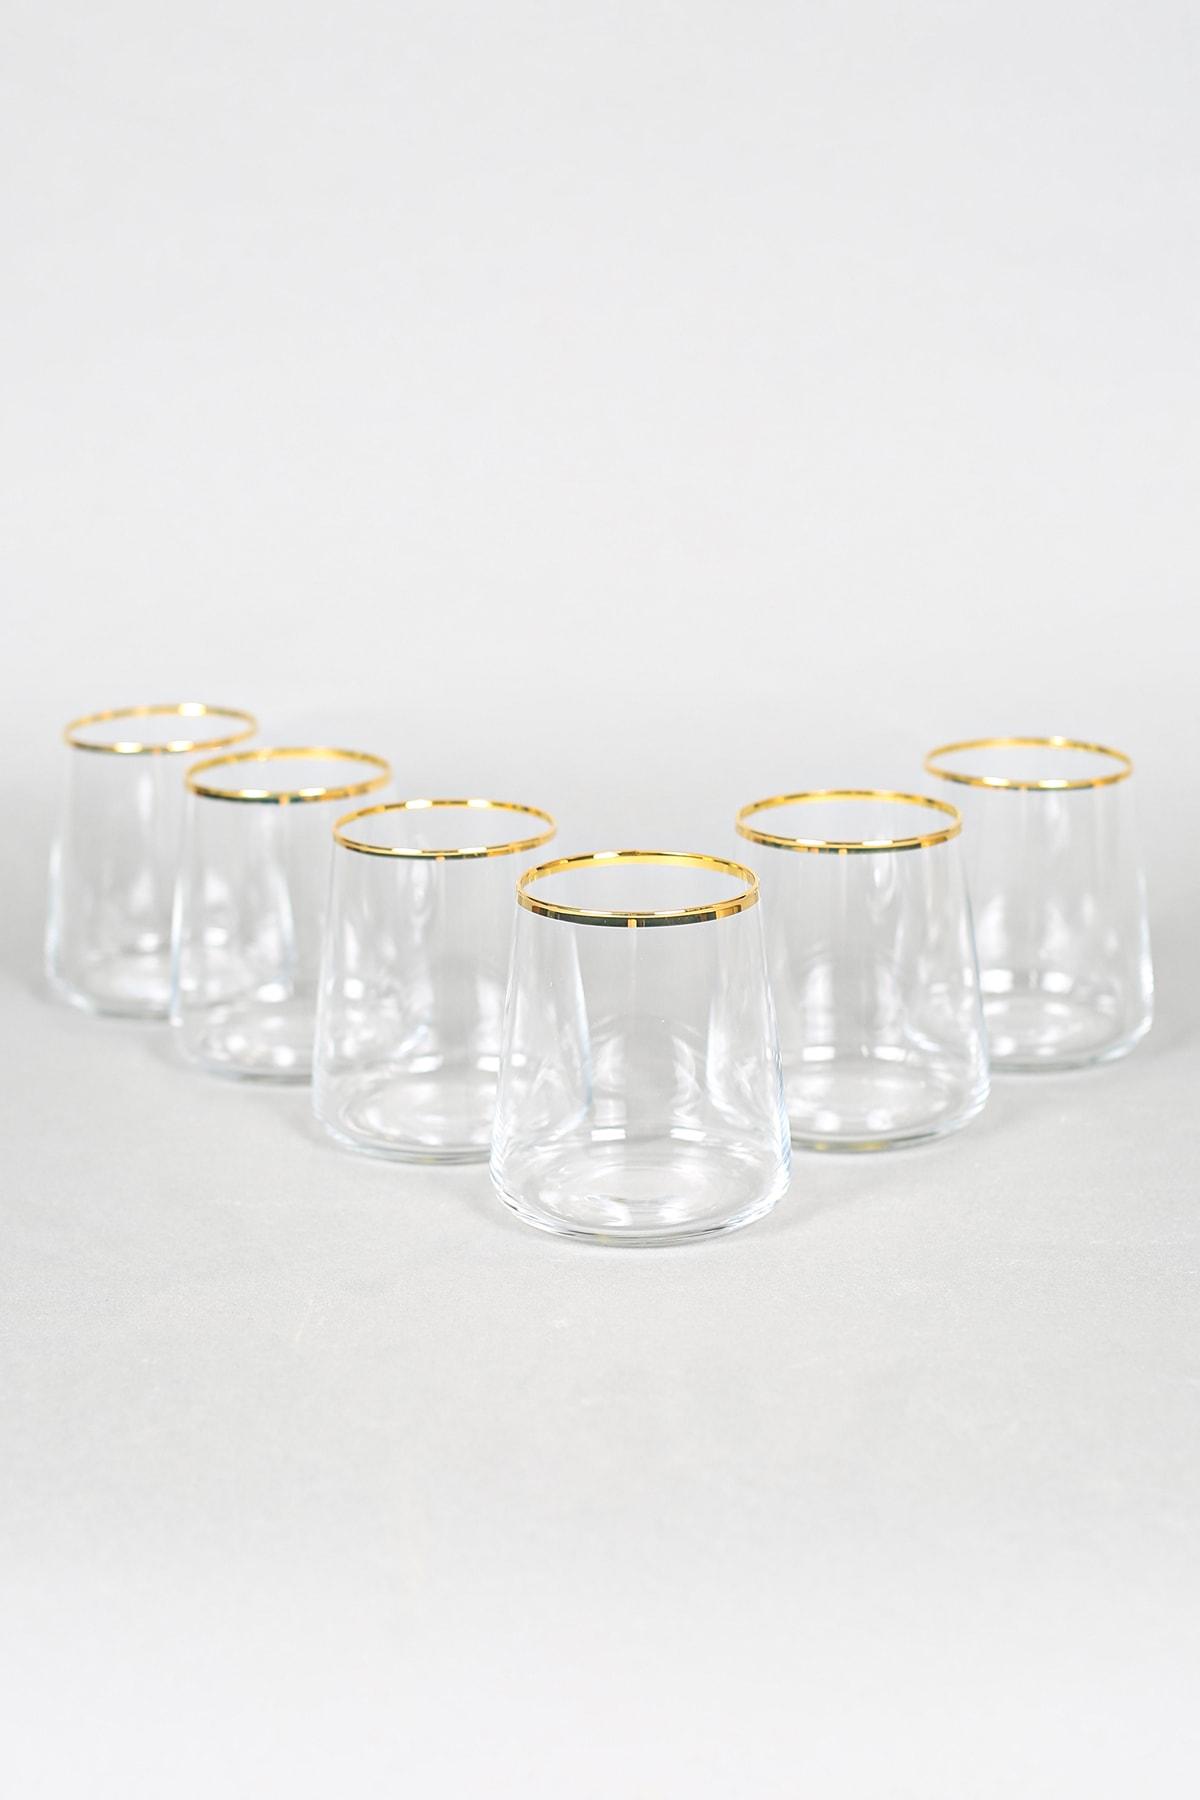 Avantgarde Gold 6'lı Su Bardağı Seti 380 Cc